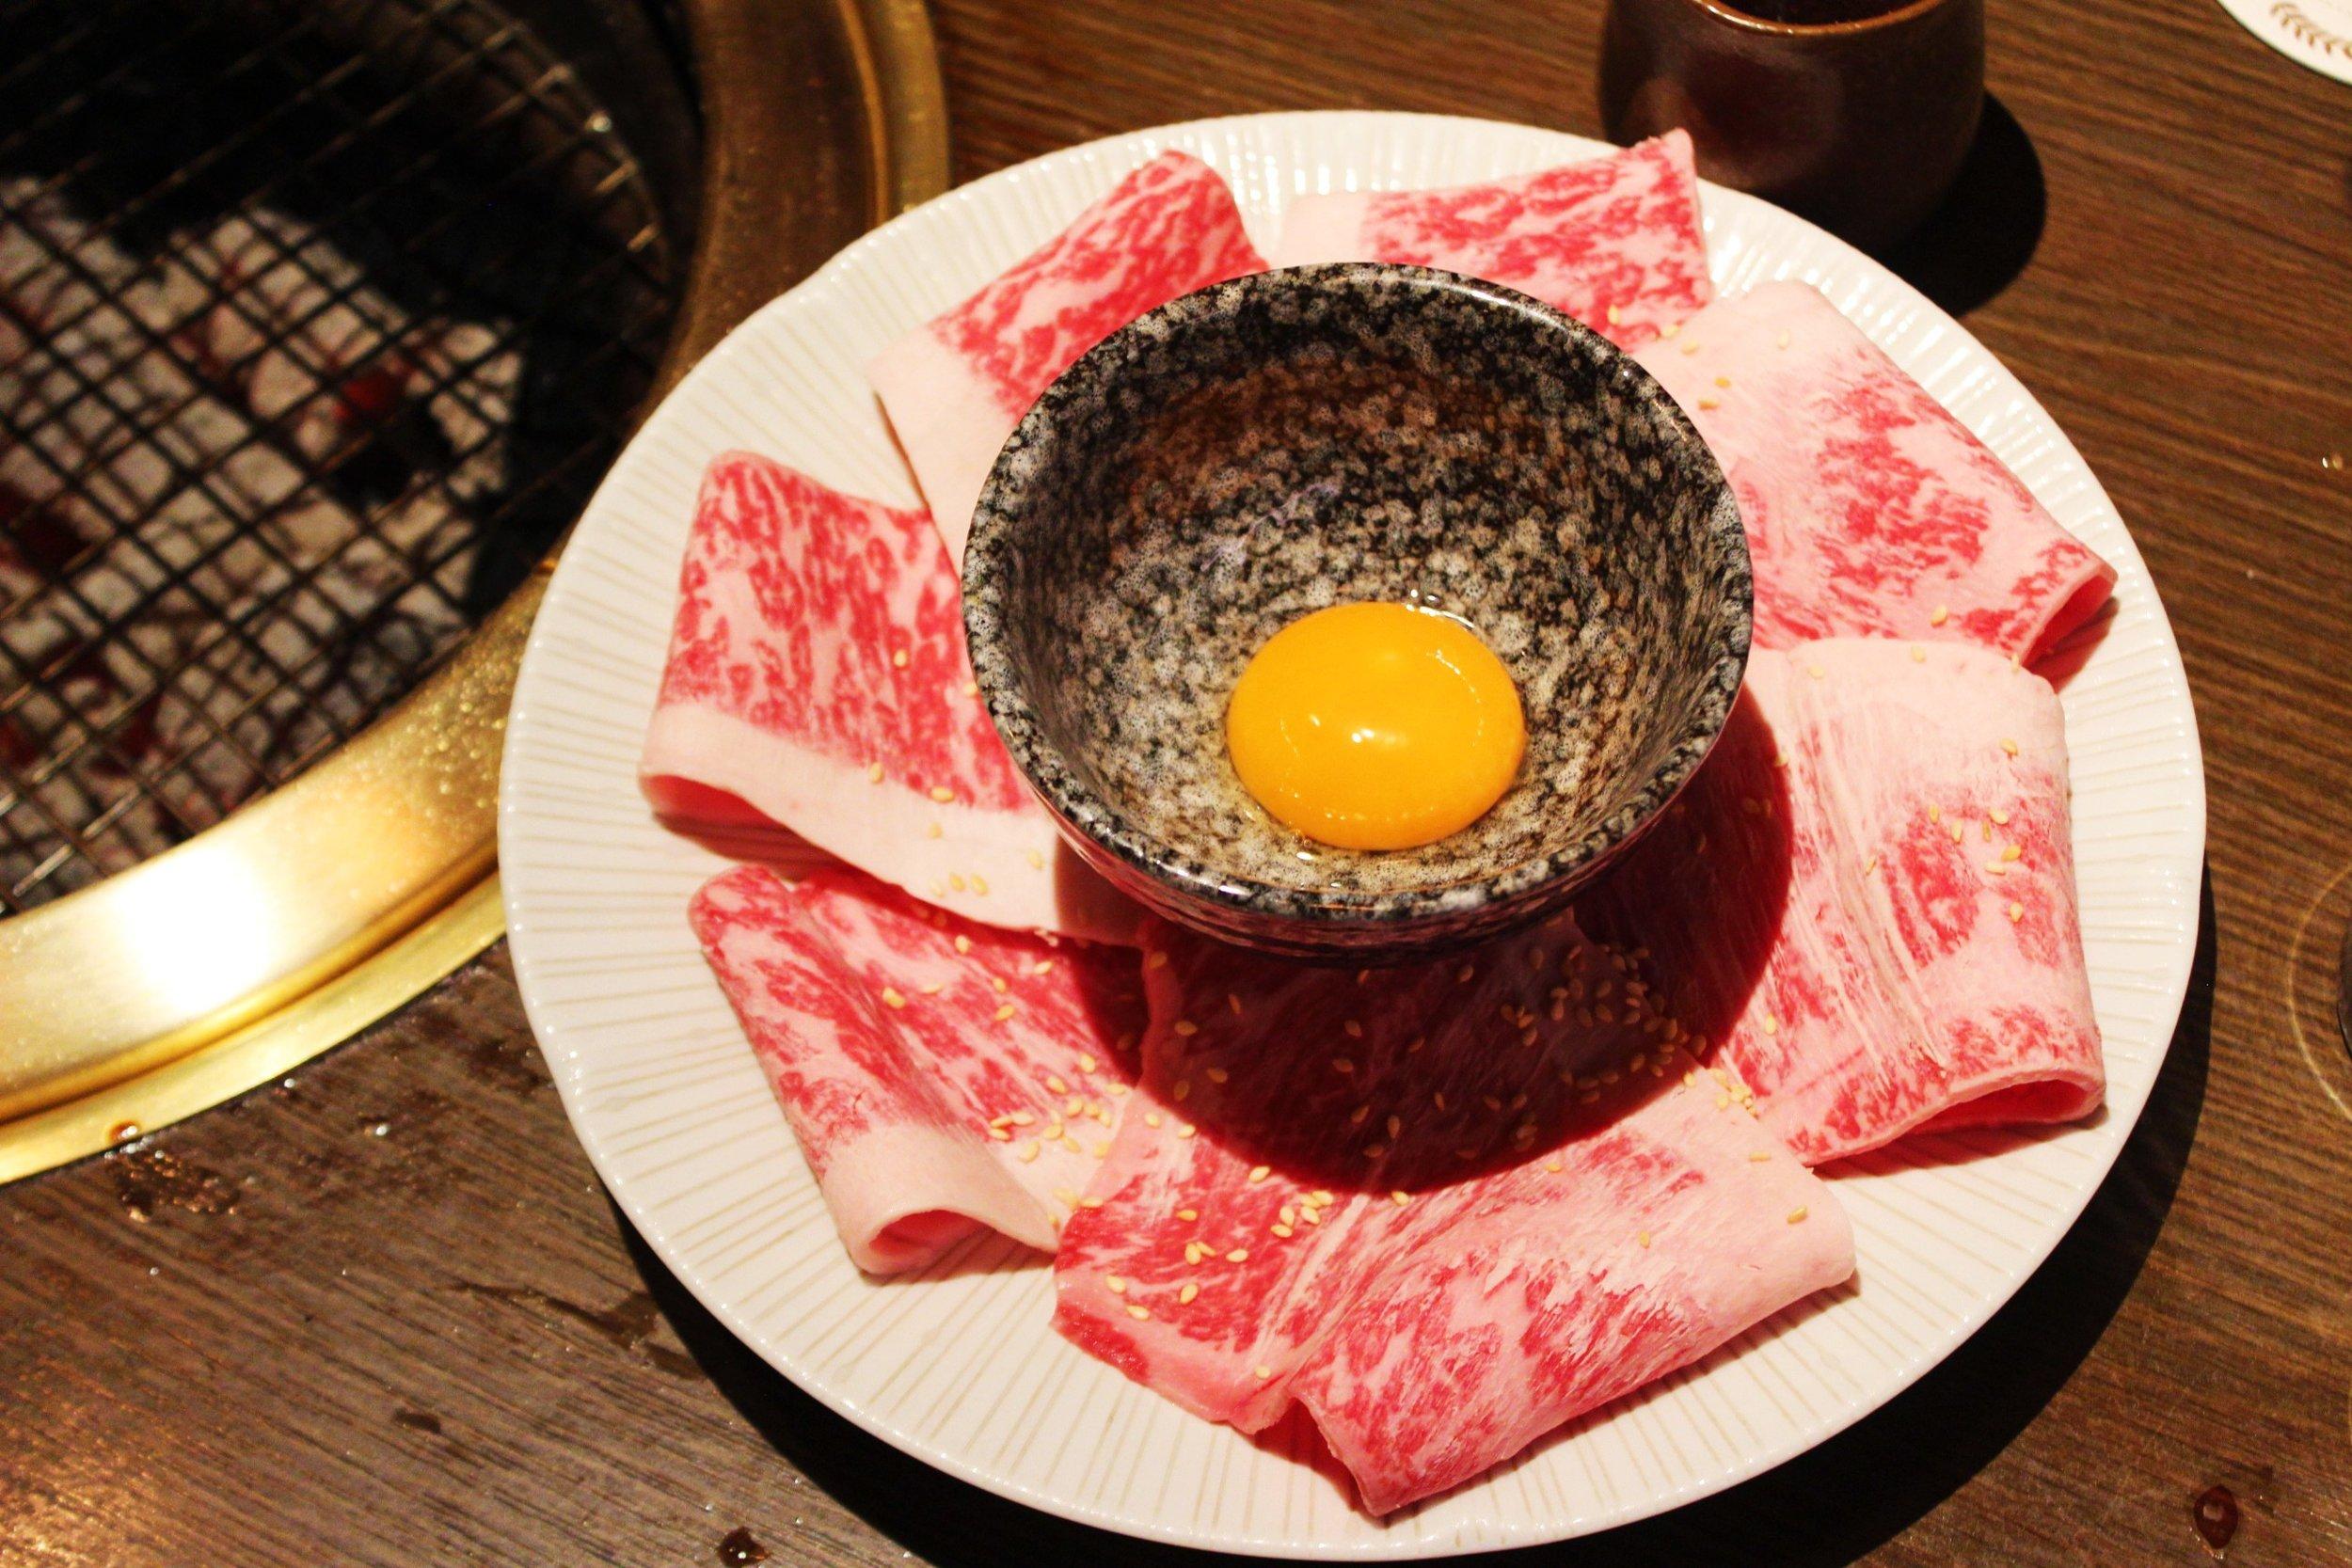 Wagyu Sirloin Dipped in Egg Yolk Shabu Shabu at 大腕 in Taiwan